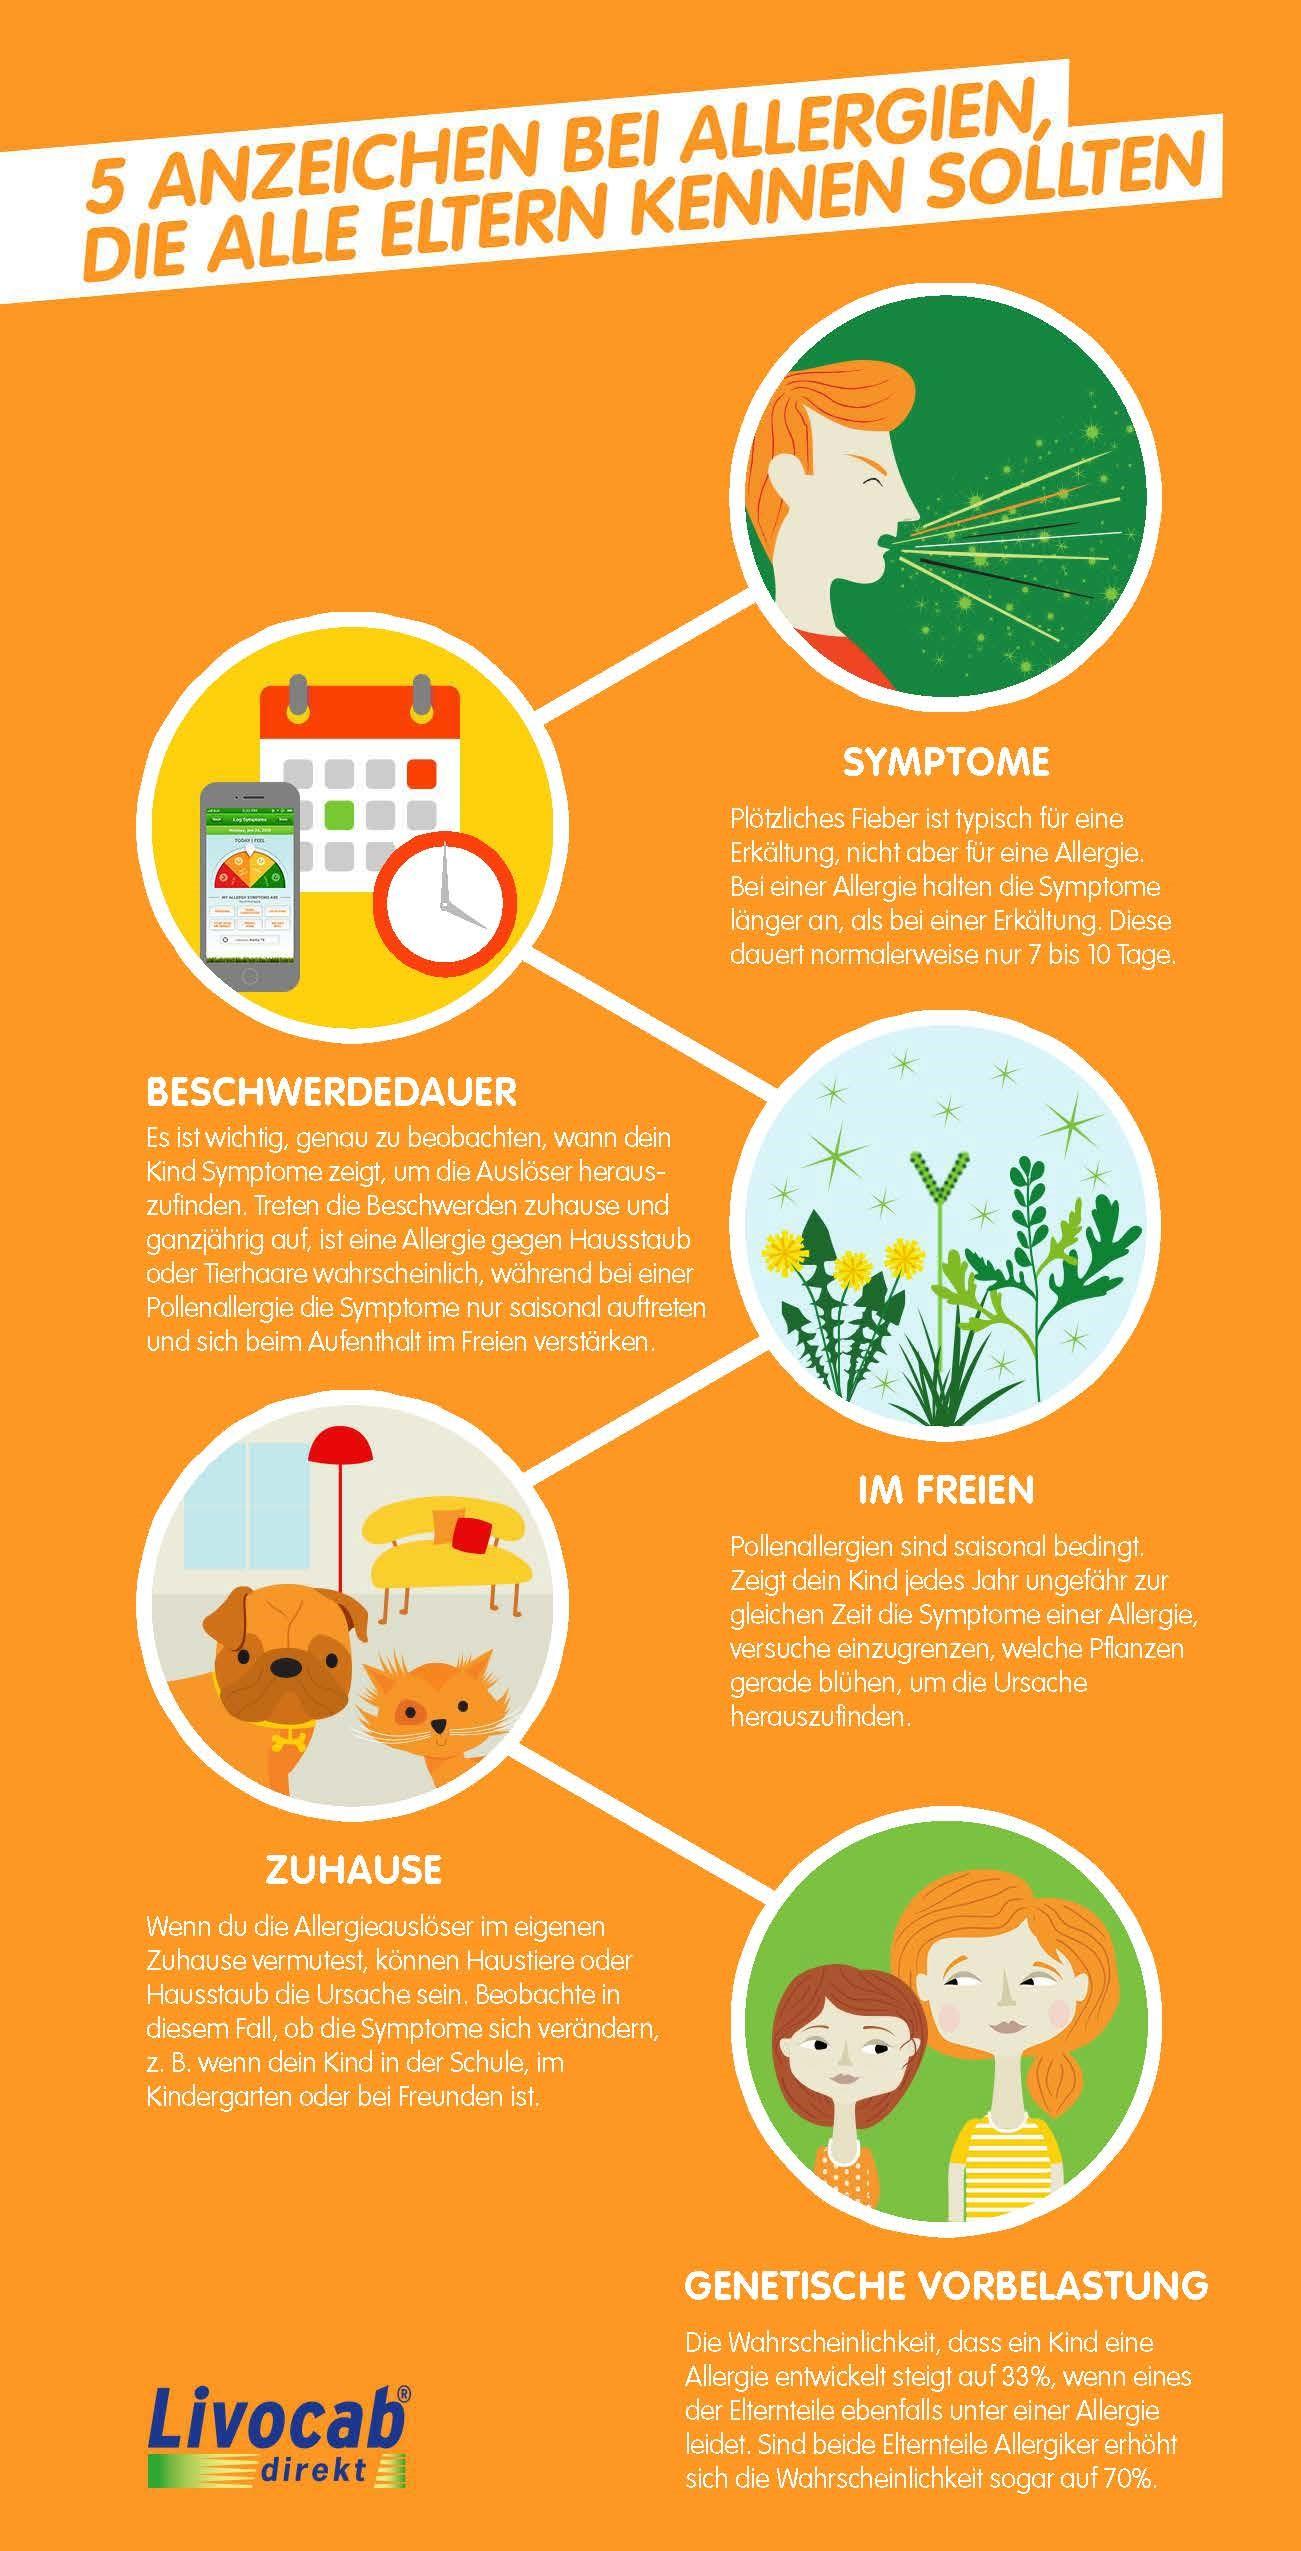 allergien bei kindern heuschnupfen hausstaub tierhaare. Black Bedroom Furniture Sets. Home Design Ideas